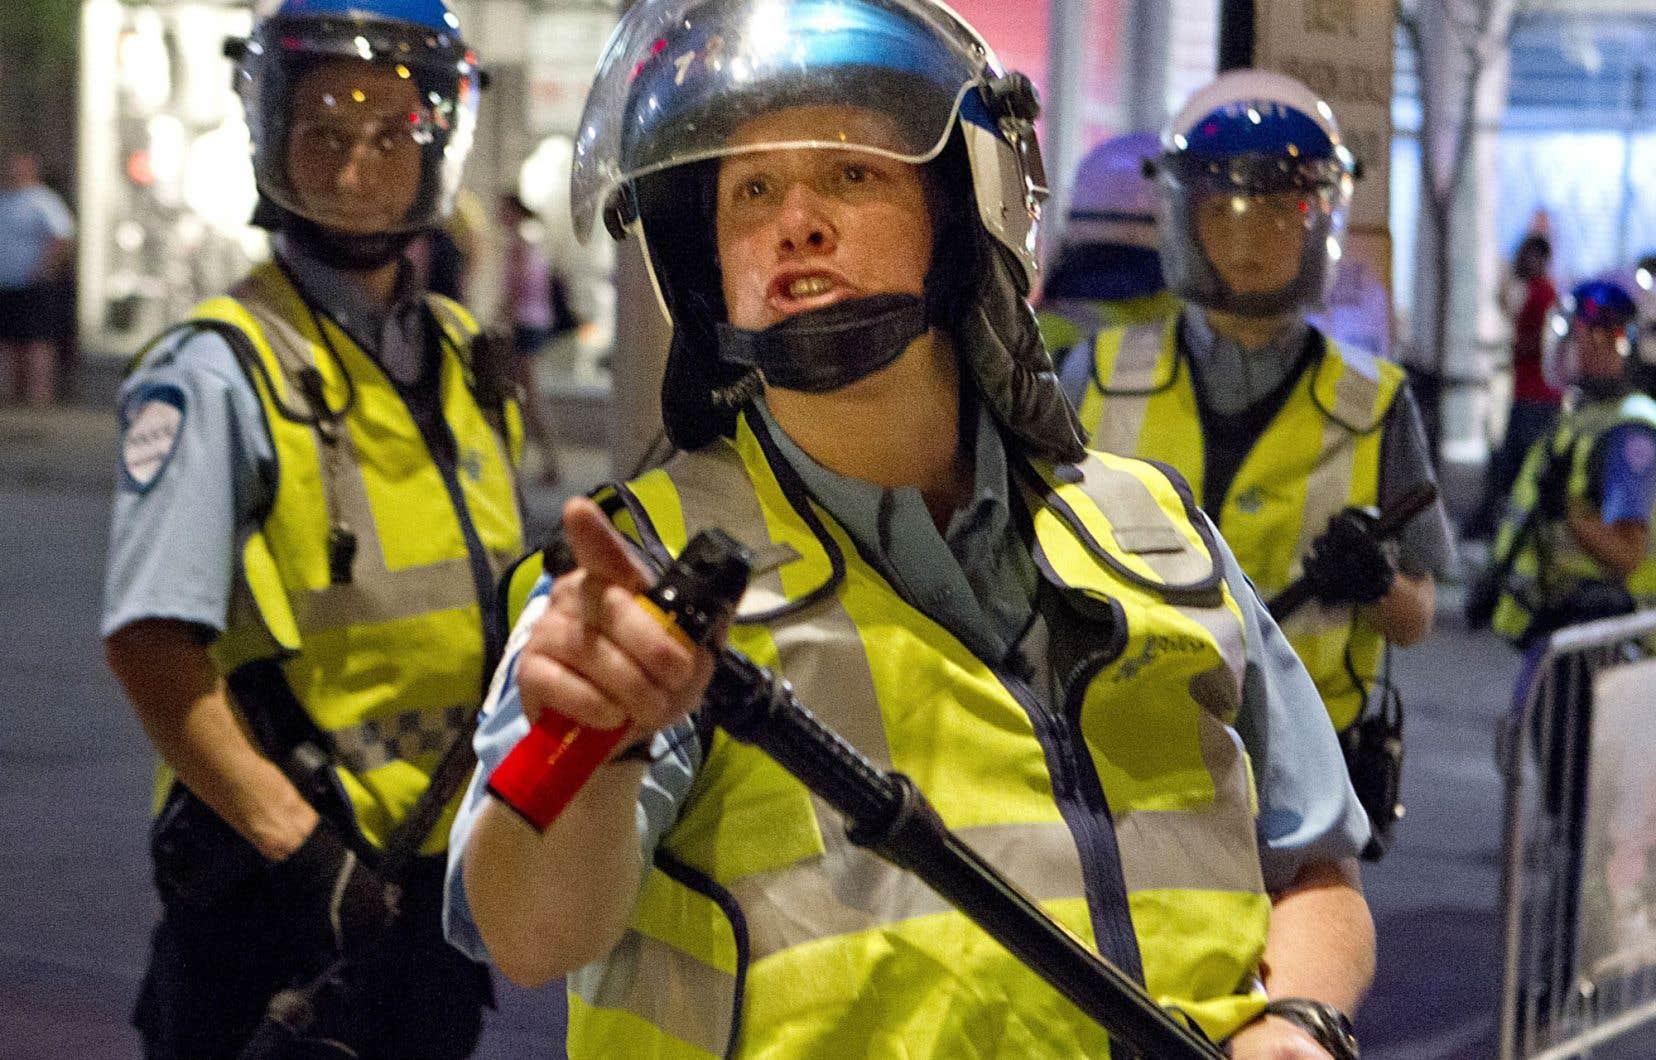 La policière Stéfanie Trudeau, alias «matricule 728», a été accusée de voies de fait après une intervention musclée en 2012.